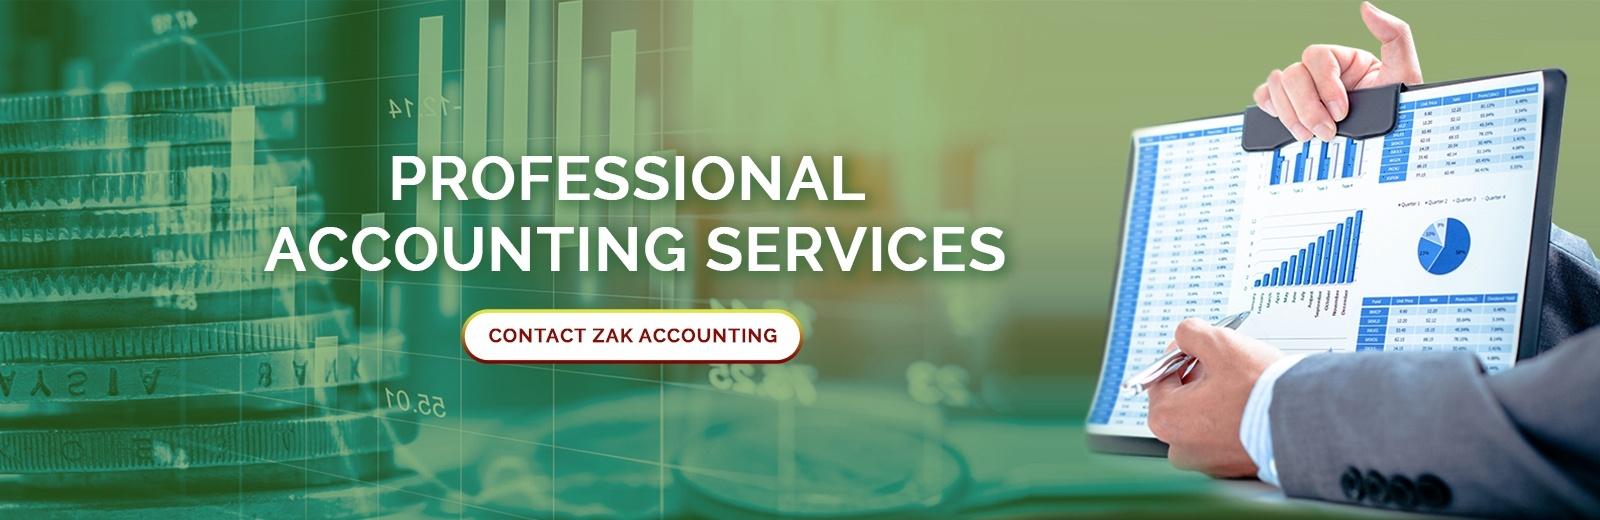 Zak Accounting Ottawa | Accountants in Ottawa, Gatineau